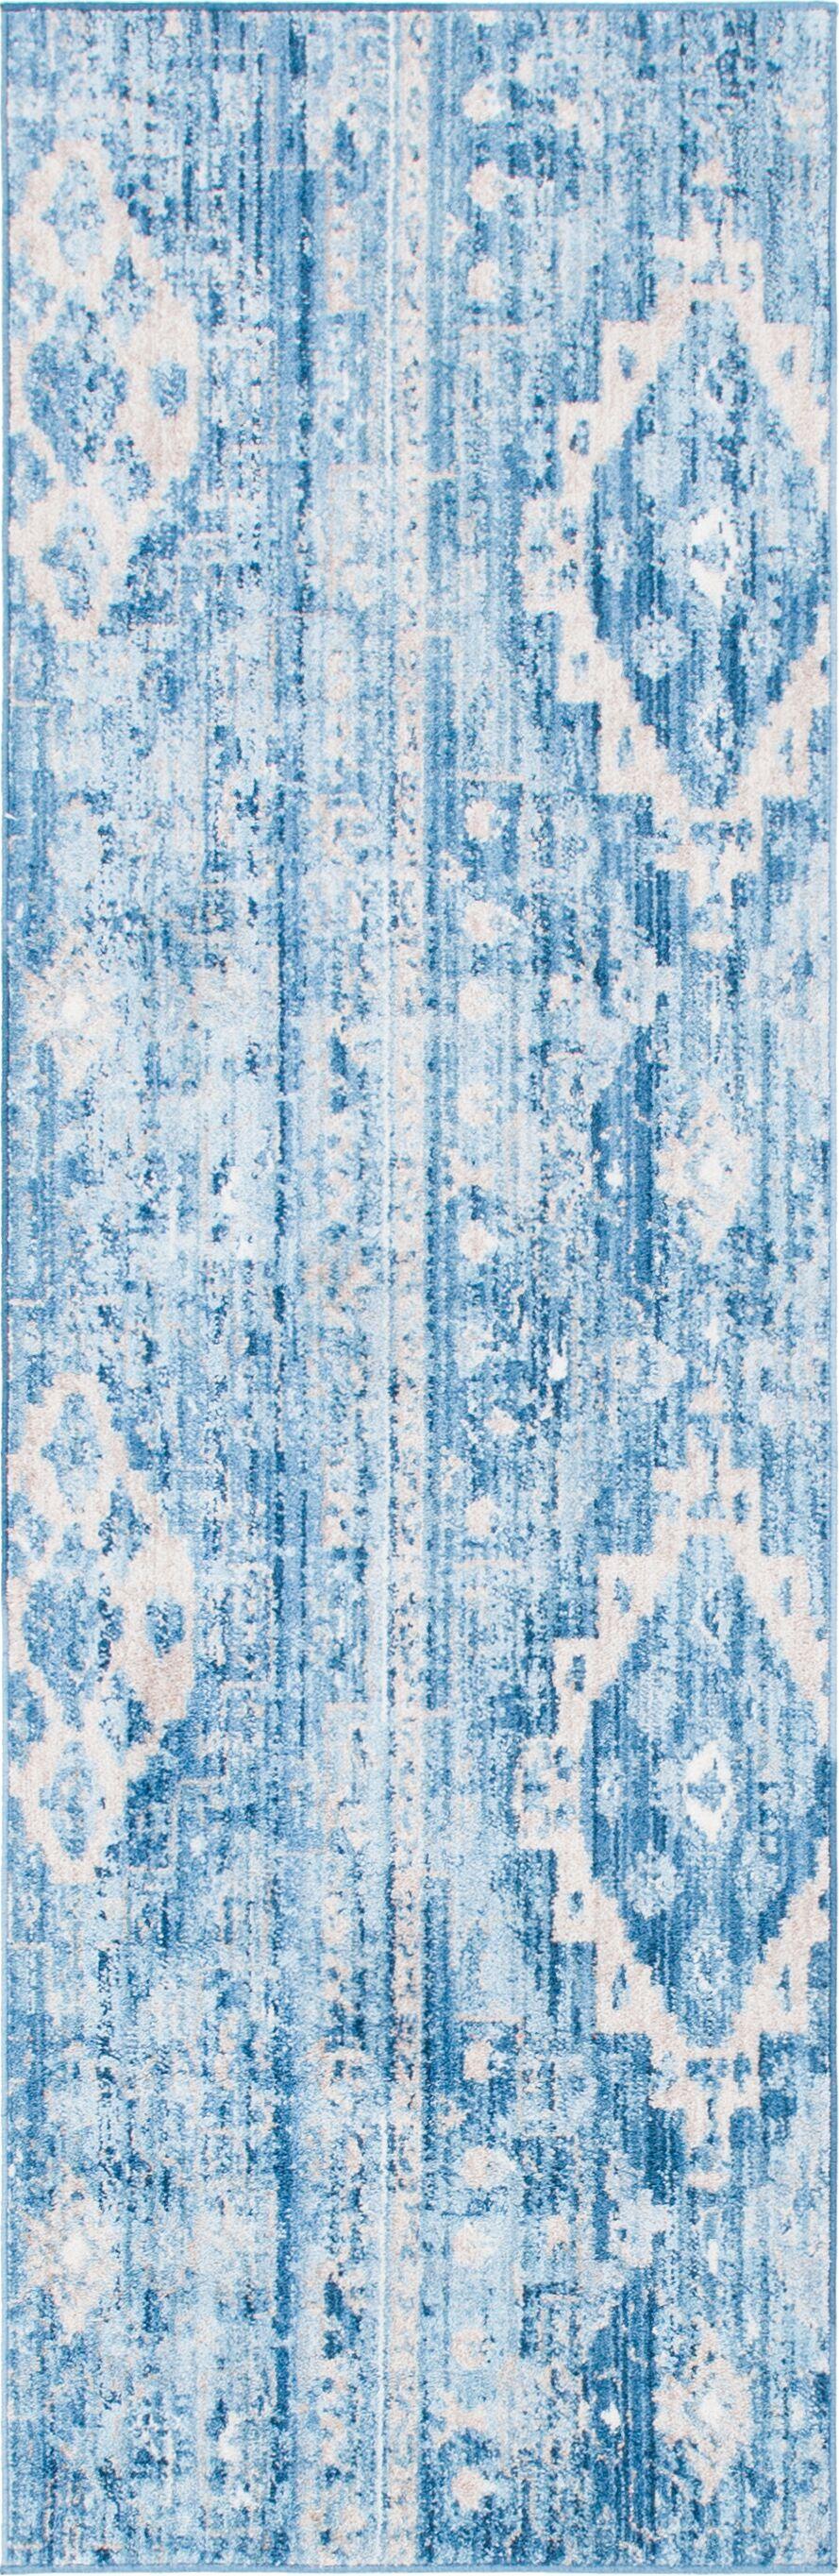 Bearden Blue Area Rug Rug Size: Runner 2'7